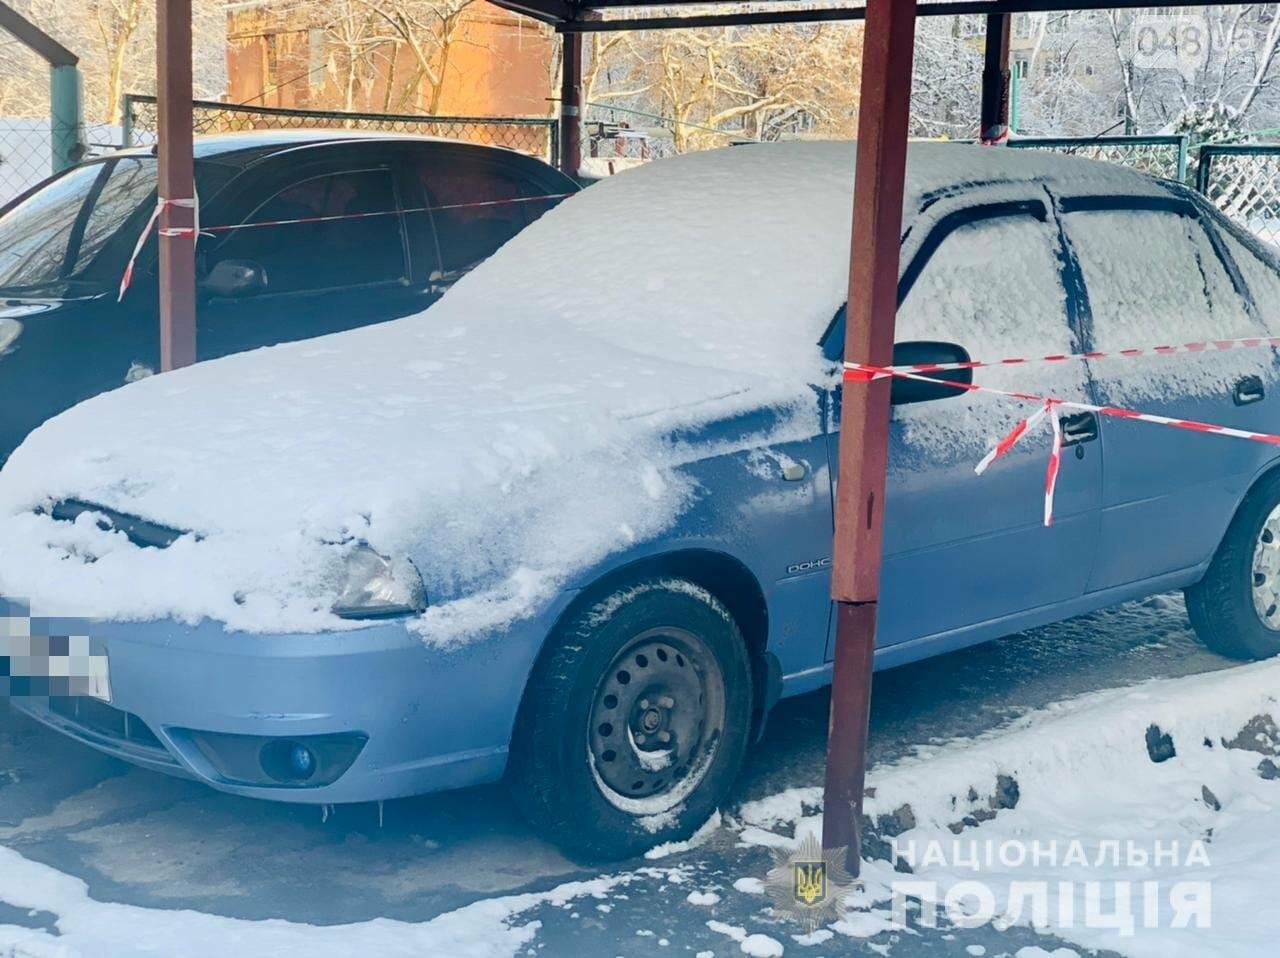 В Одессе двое мужчин угнали автомобиль, - ФОТО, фото-1